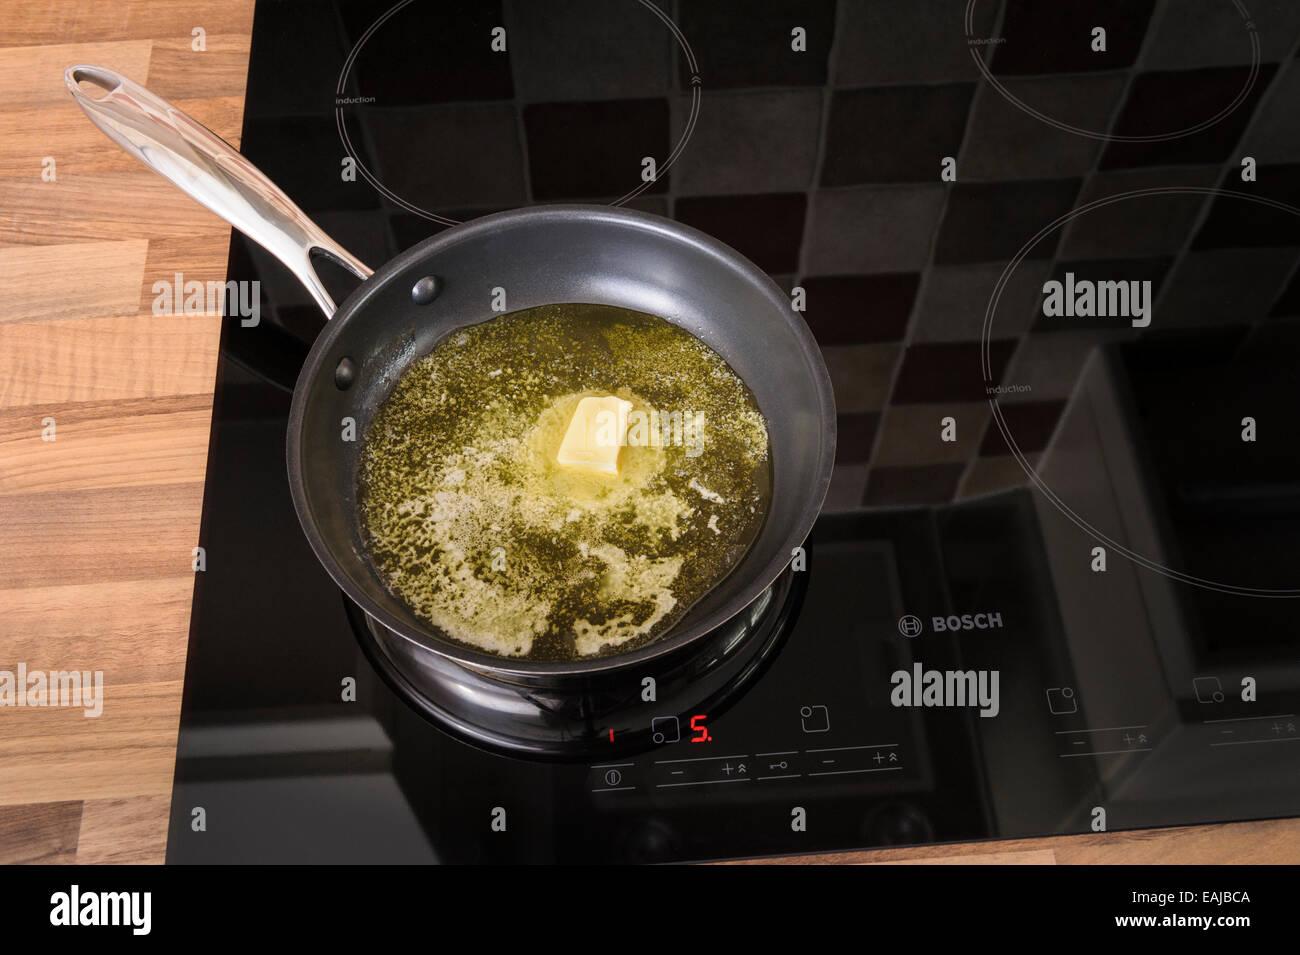 La fonte du beurre dans une poêle, sur une plaque à induction.malsaines, cholestrol. Photo Stock